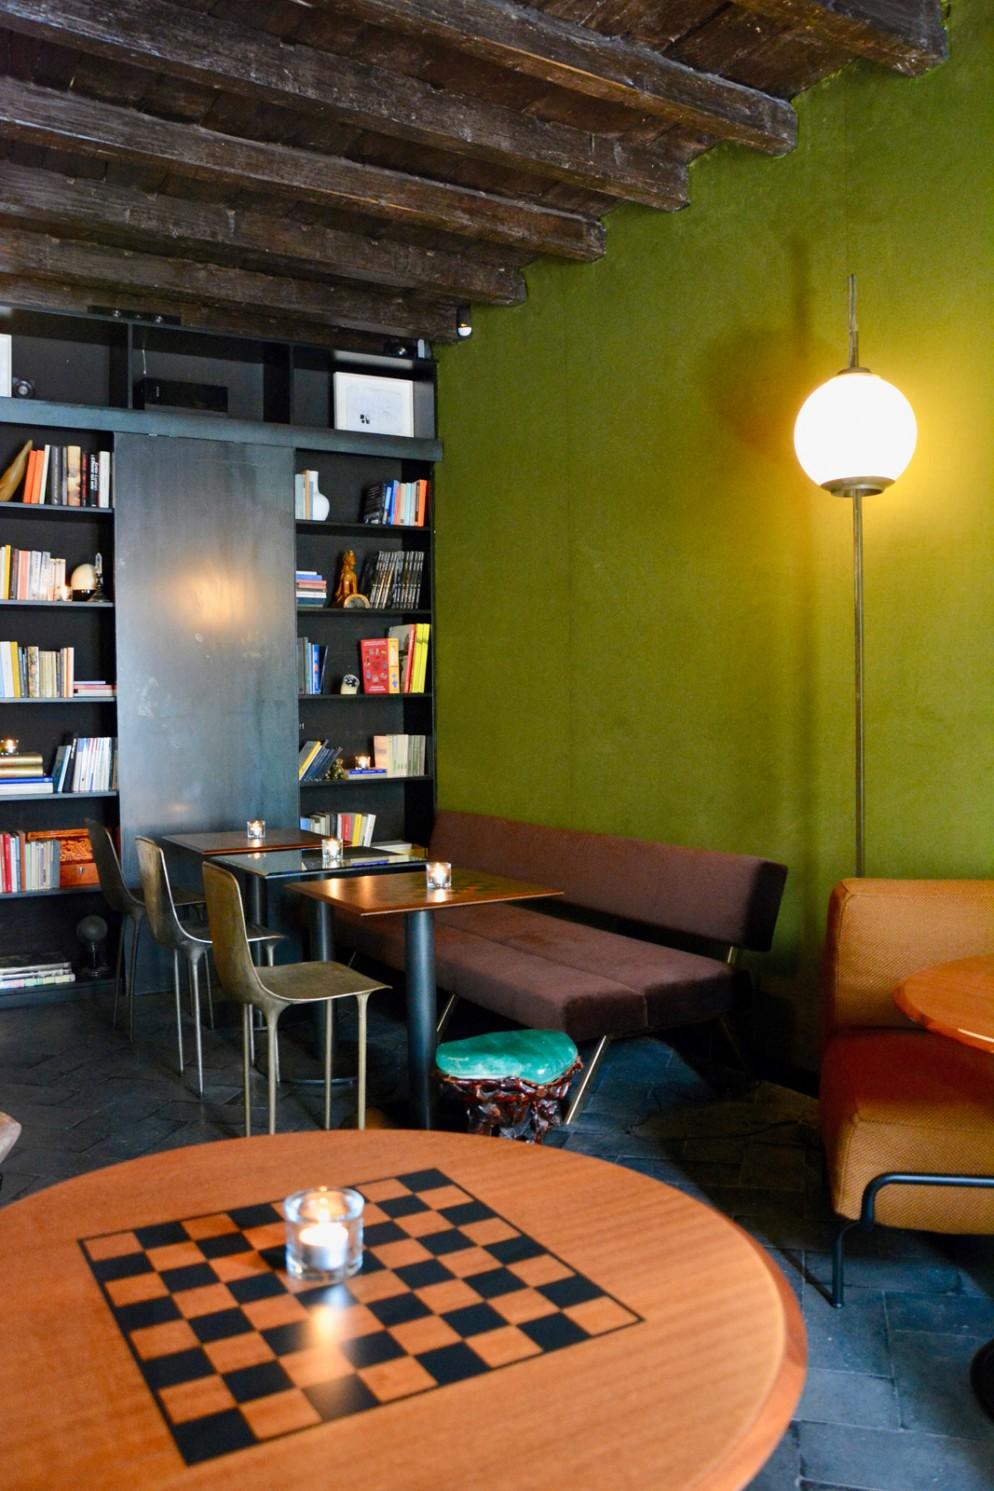 ristorante-si-ma-milano-via-porta-vigentina-02